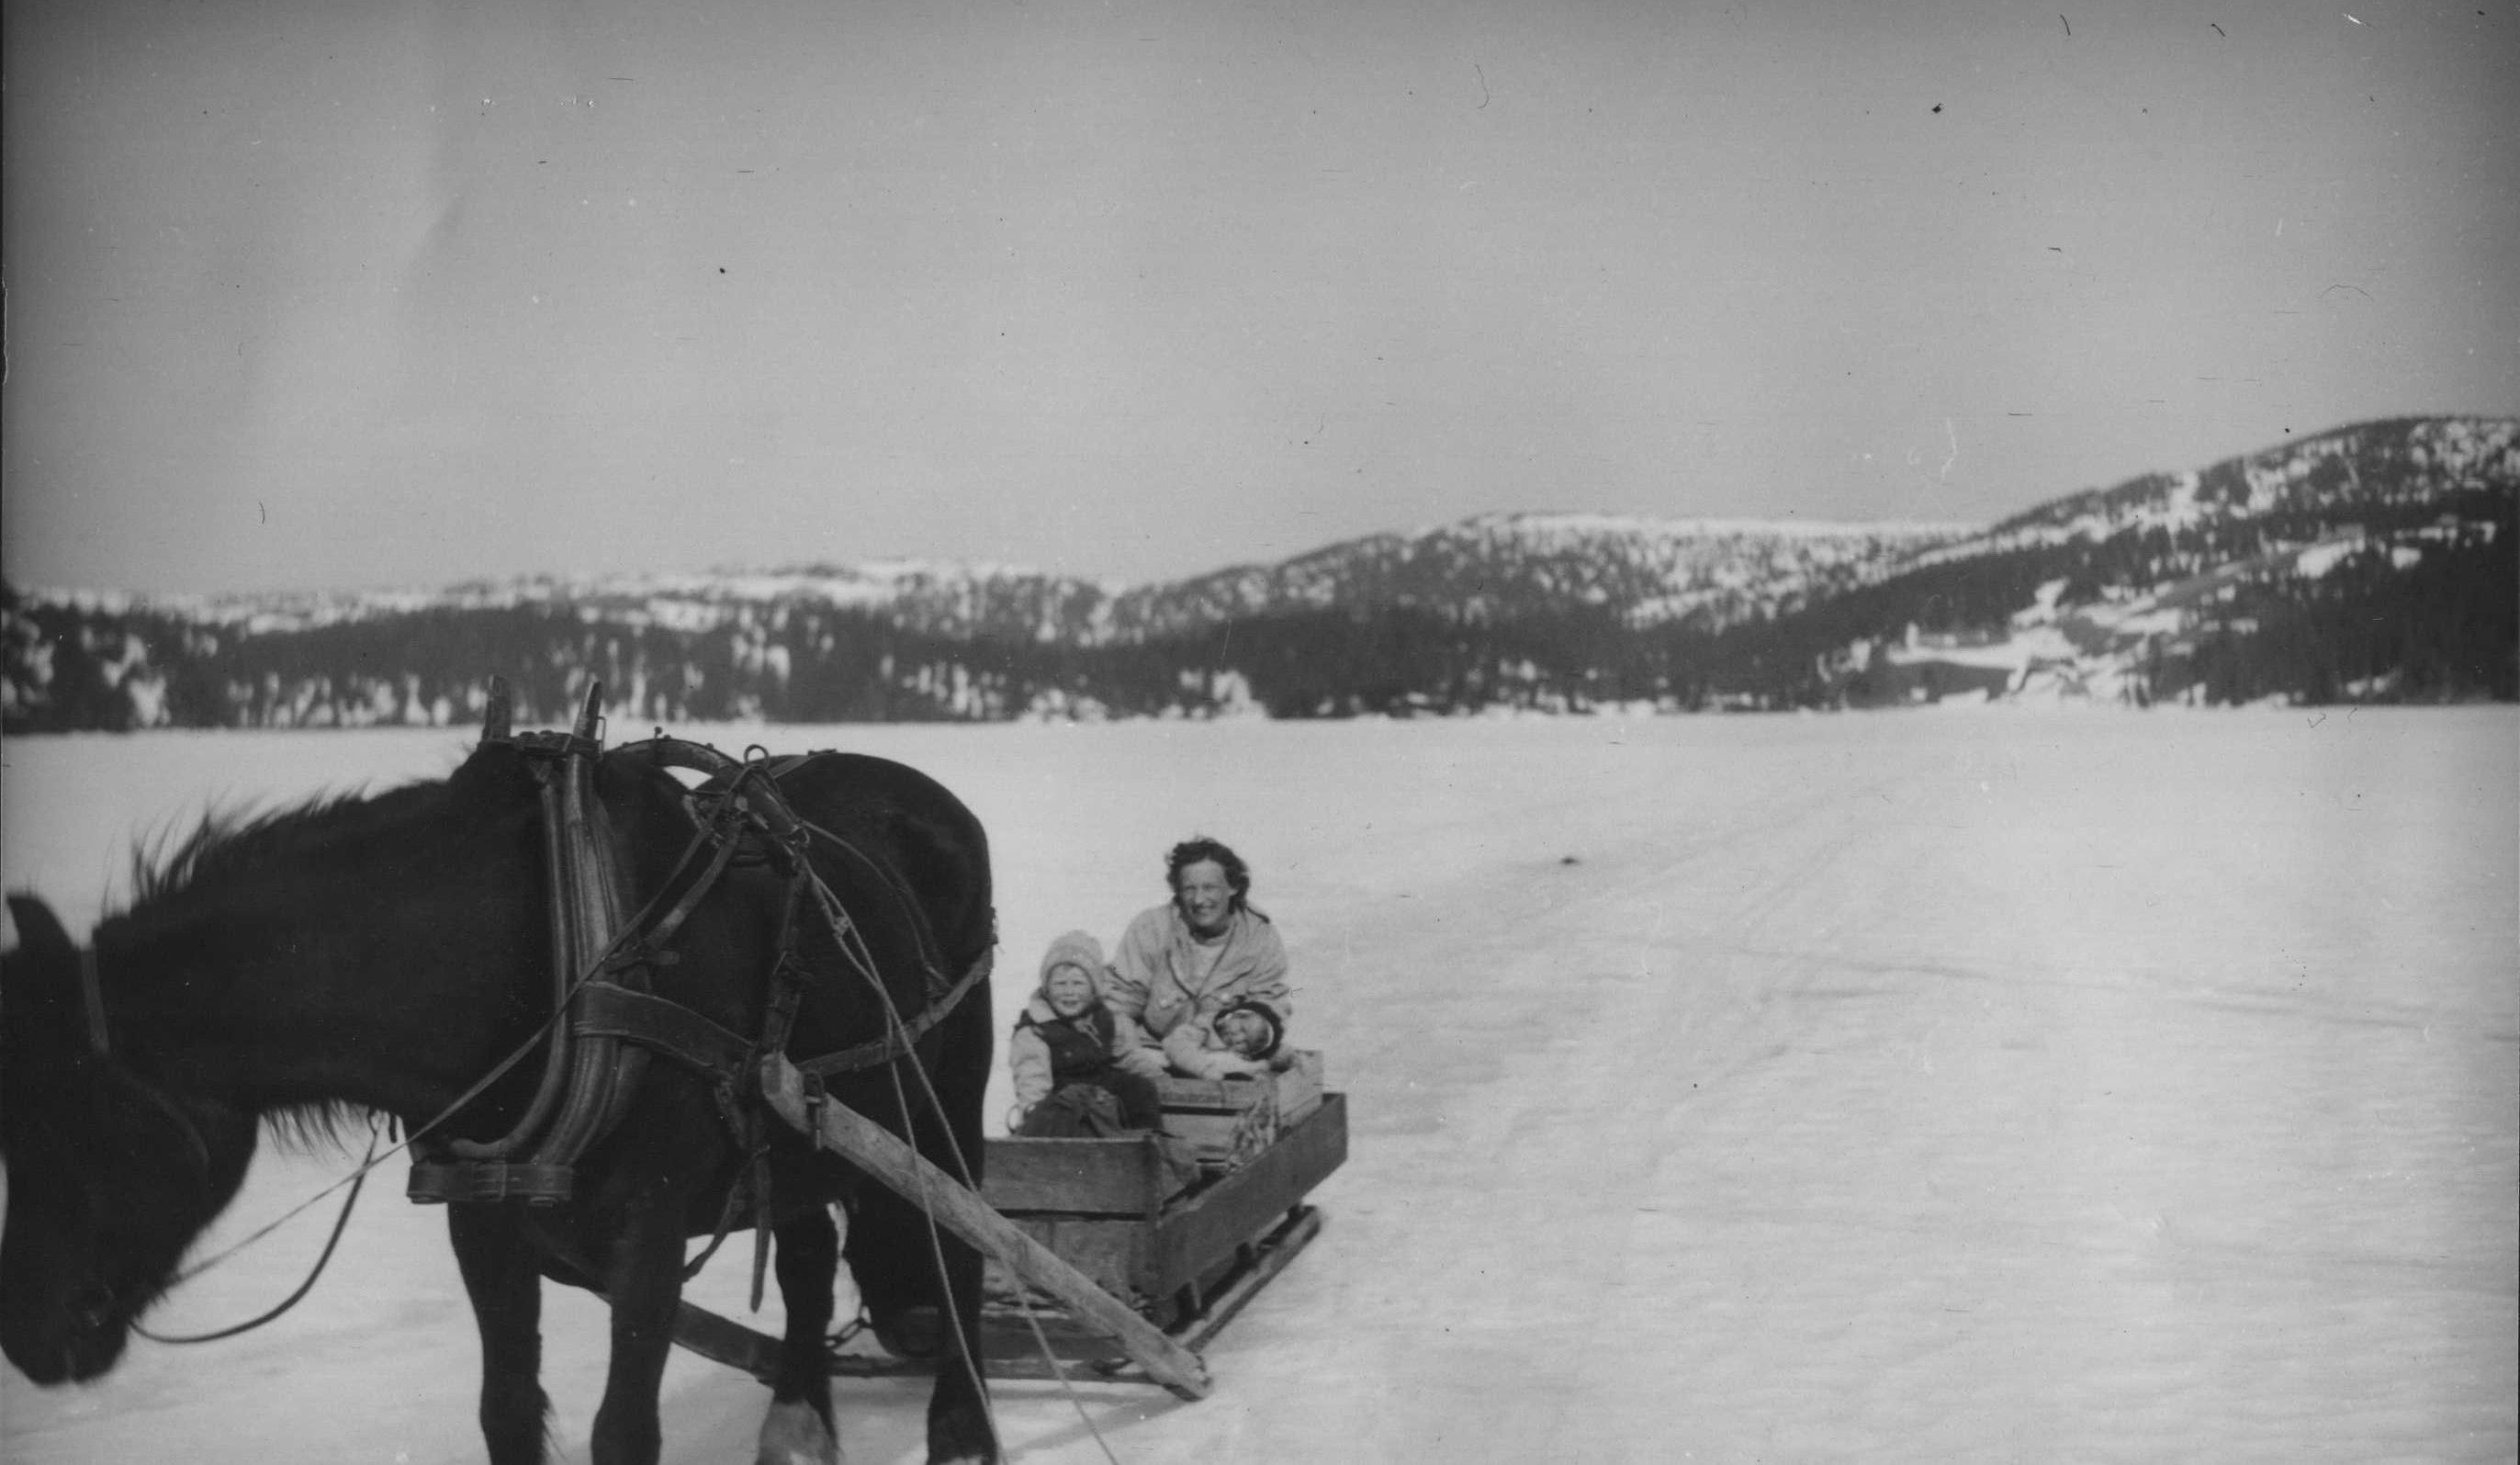 Hest og slede på isen over Juvatnet II